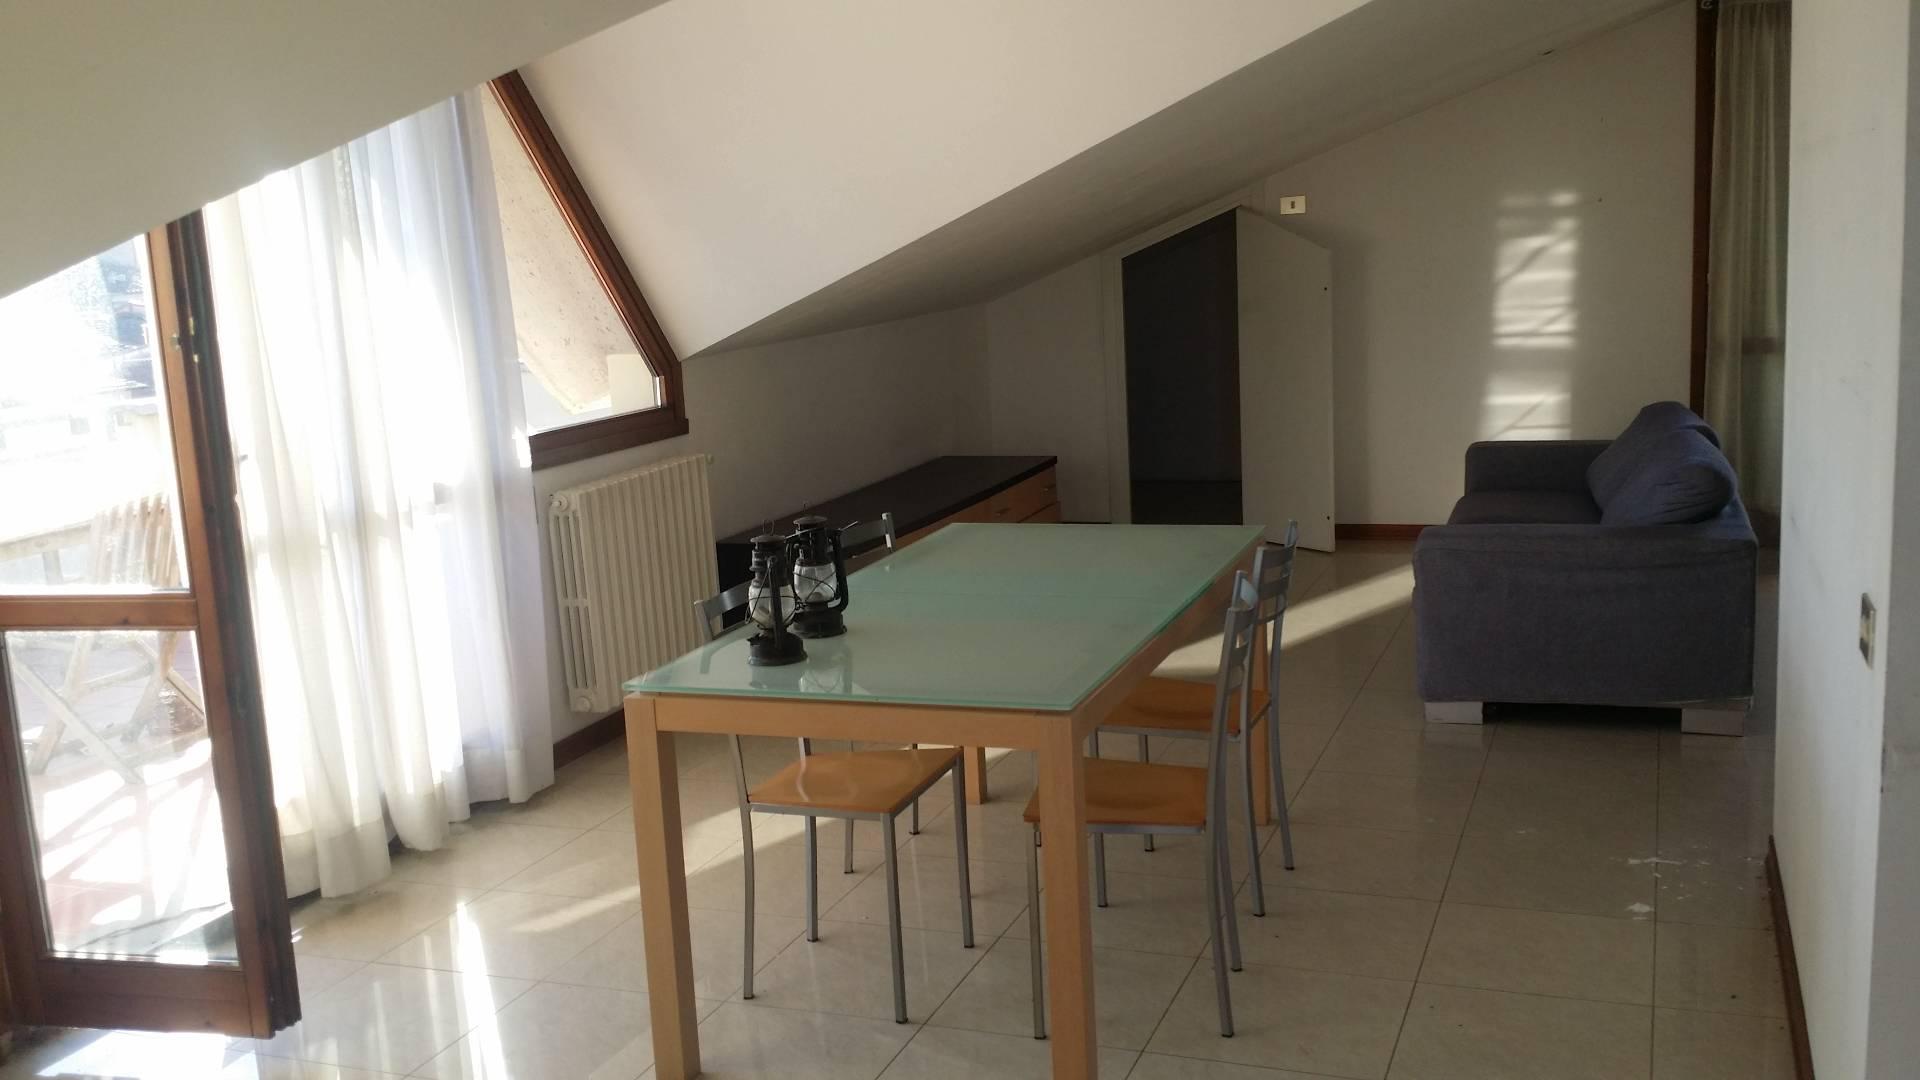 Attico / Mansarda in affitto a Empoli, 3 locali, zona Località: Pontorme, prezzo € 700 | Cambio Casa.it